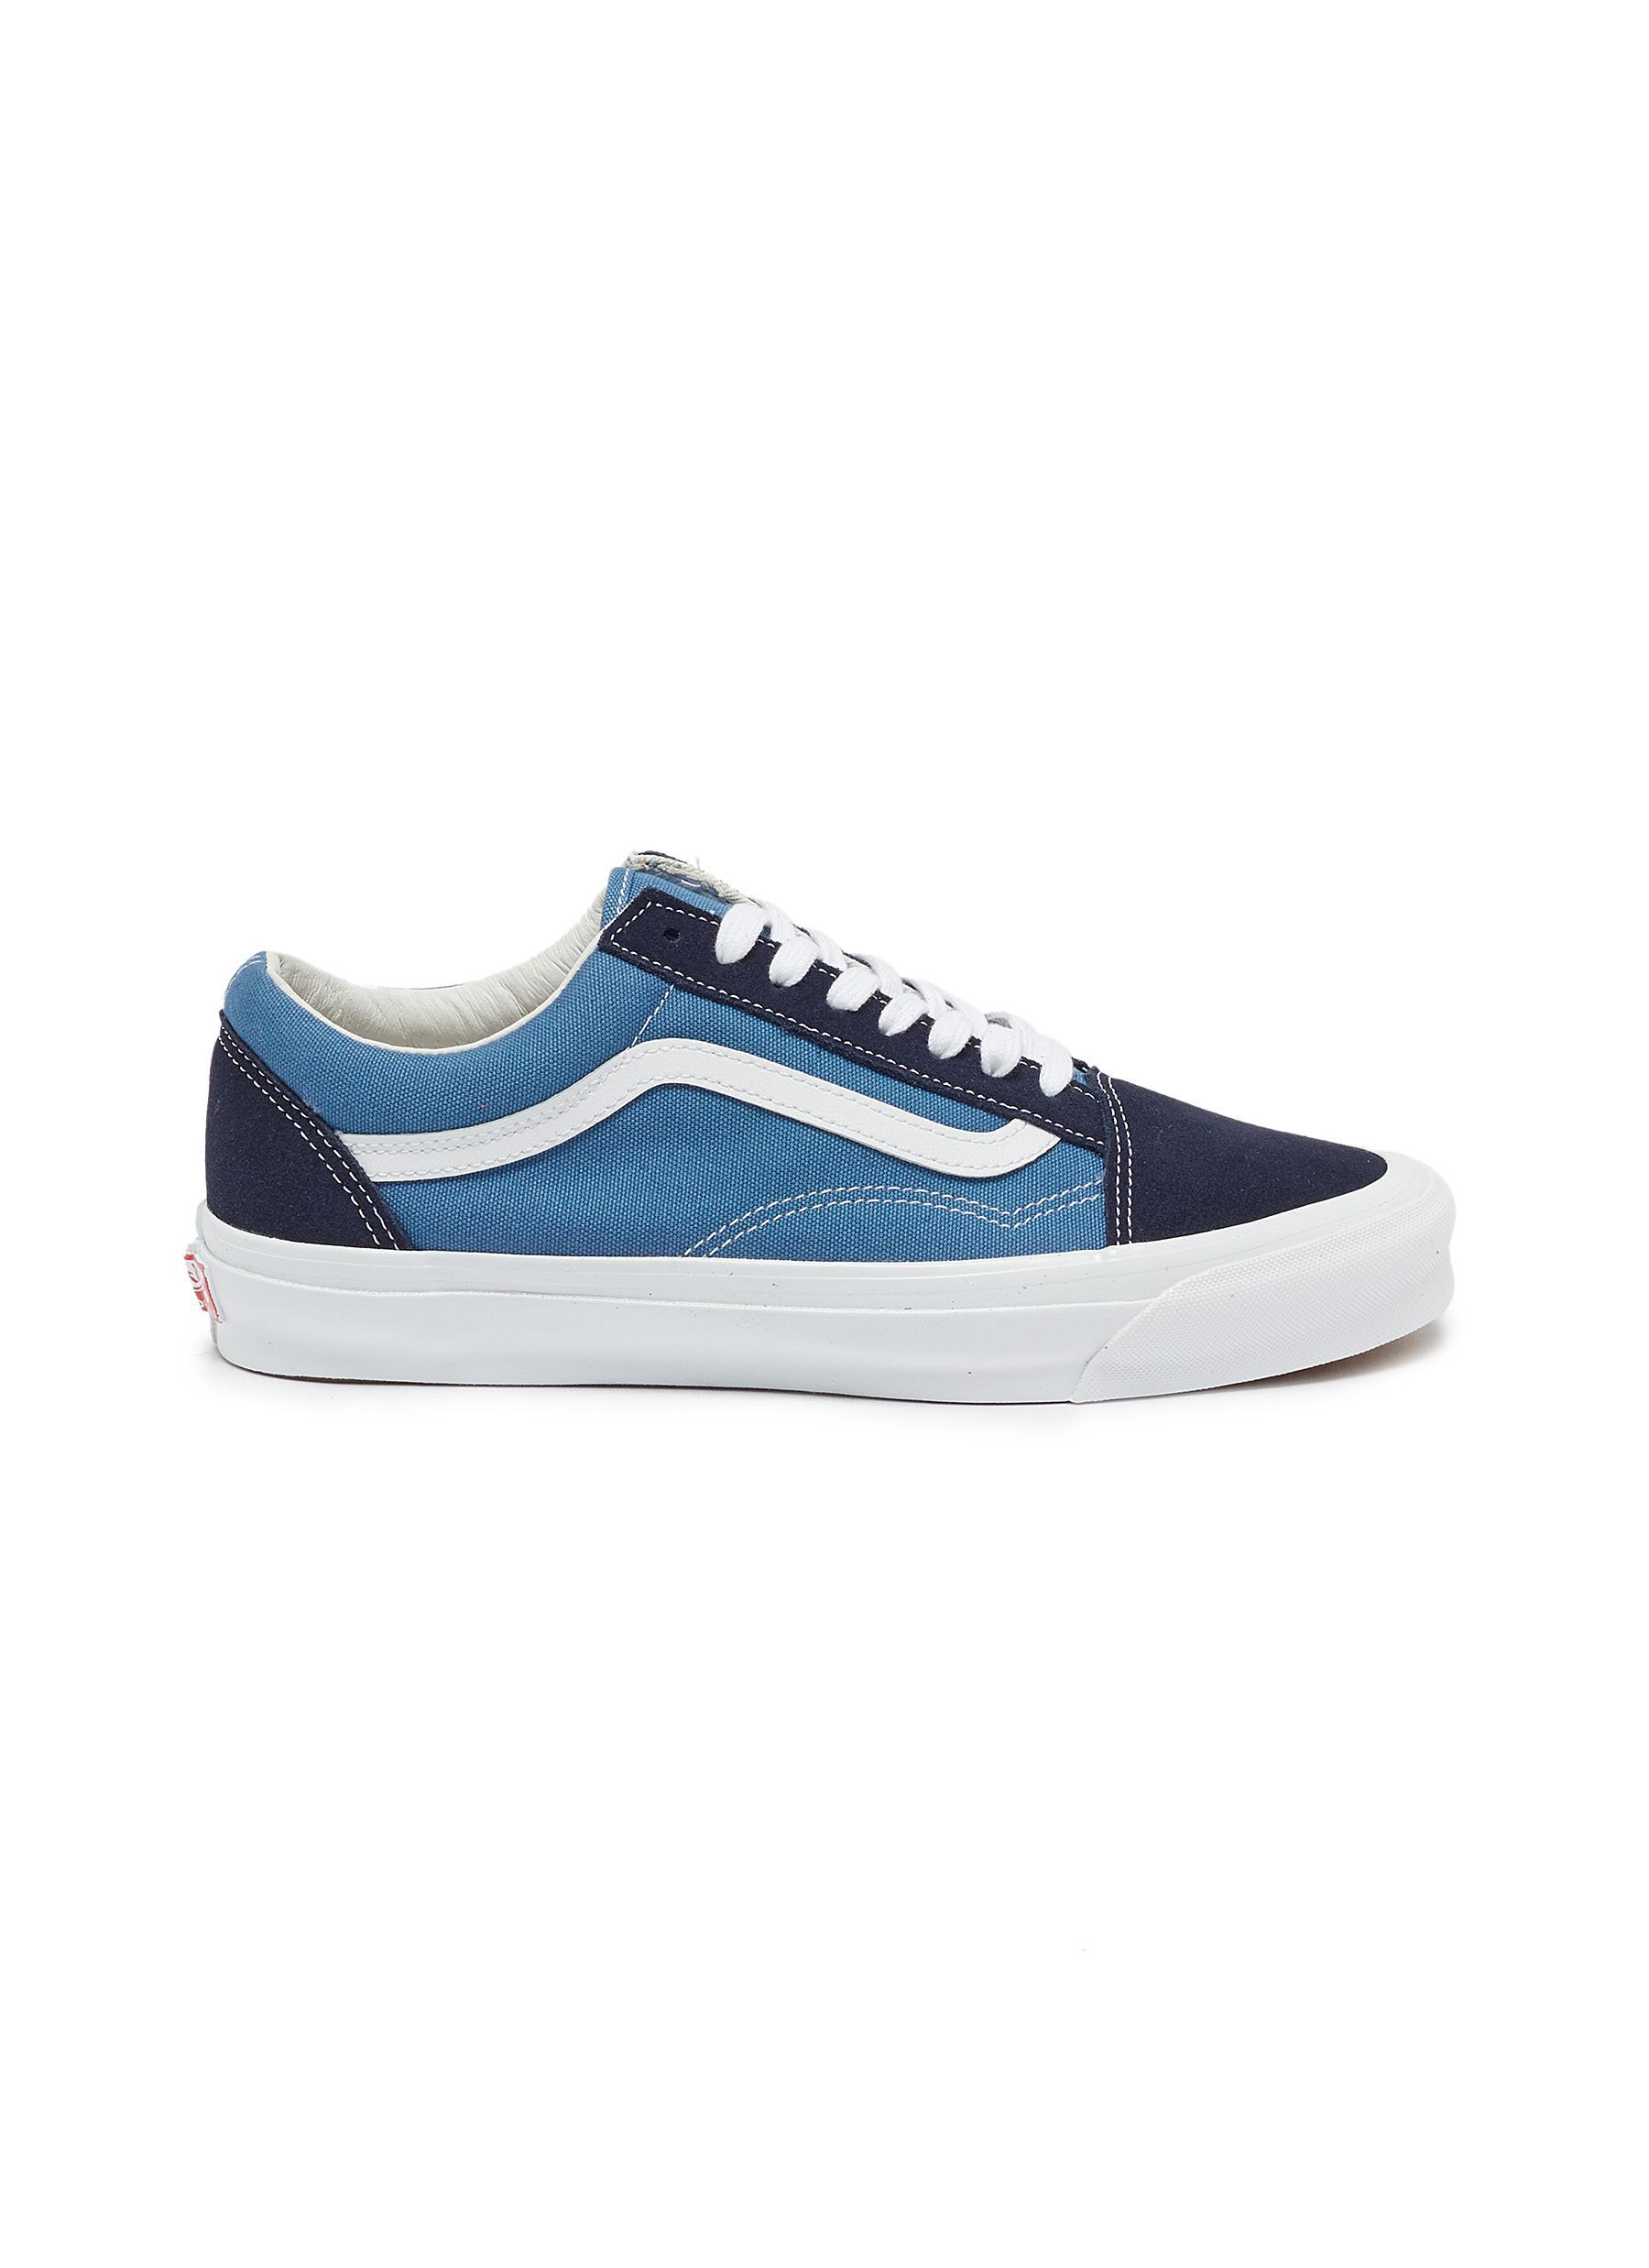 VANS | 'Old Skool' canvas sneakers